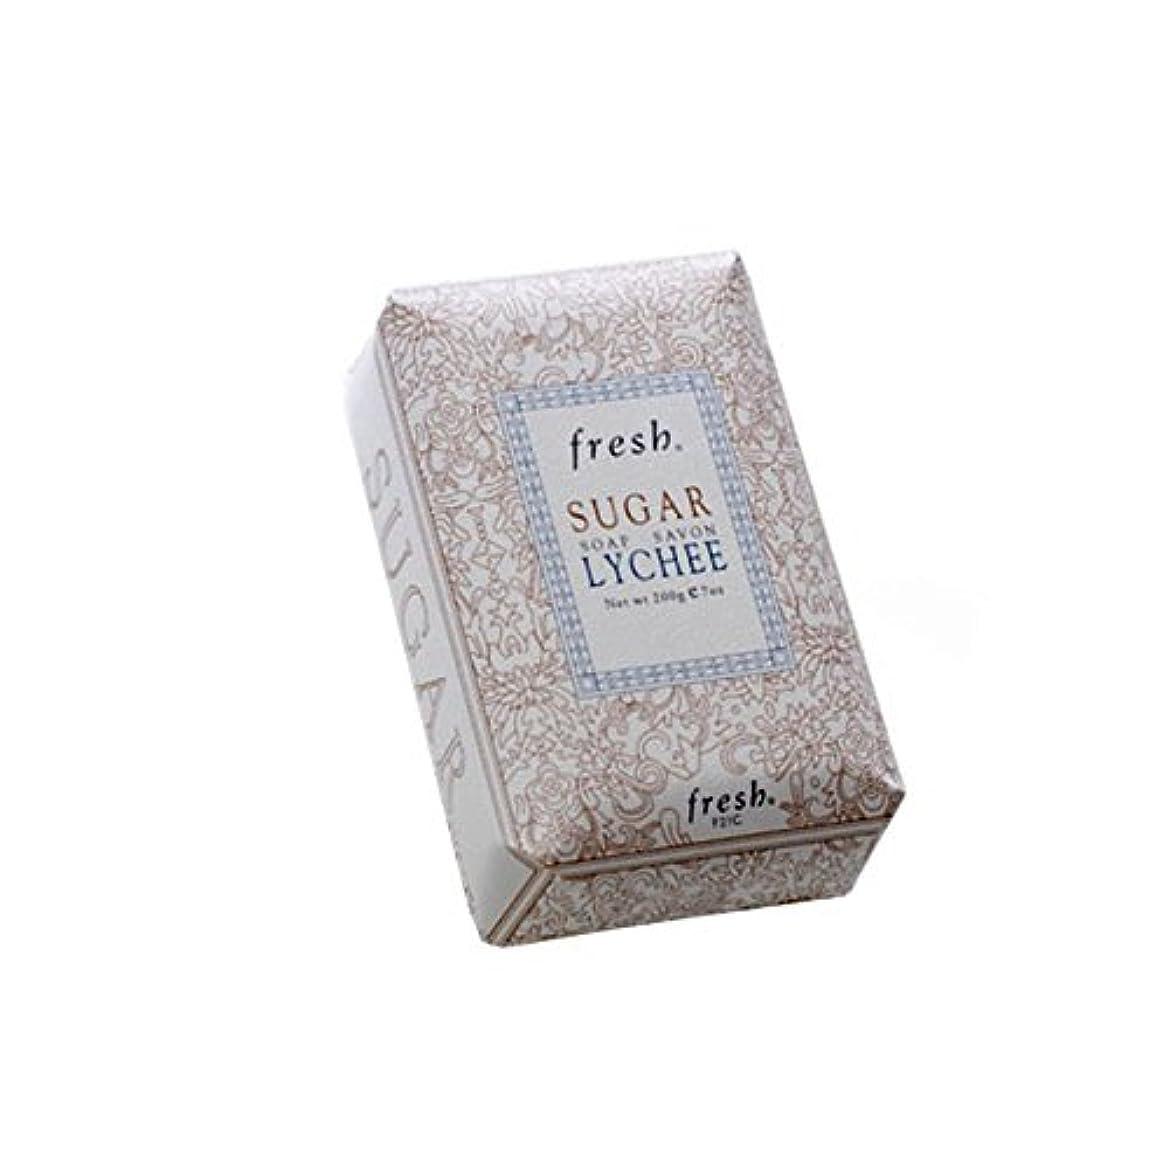 うがい薬ストライプ指紋Fresh フレッシュ シュガーライチ石鹸 Sugar Lychee Soap, 200g/7oz [海外直送品] [並行輸入品]